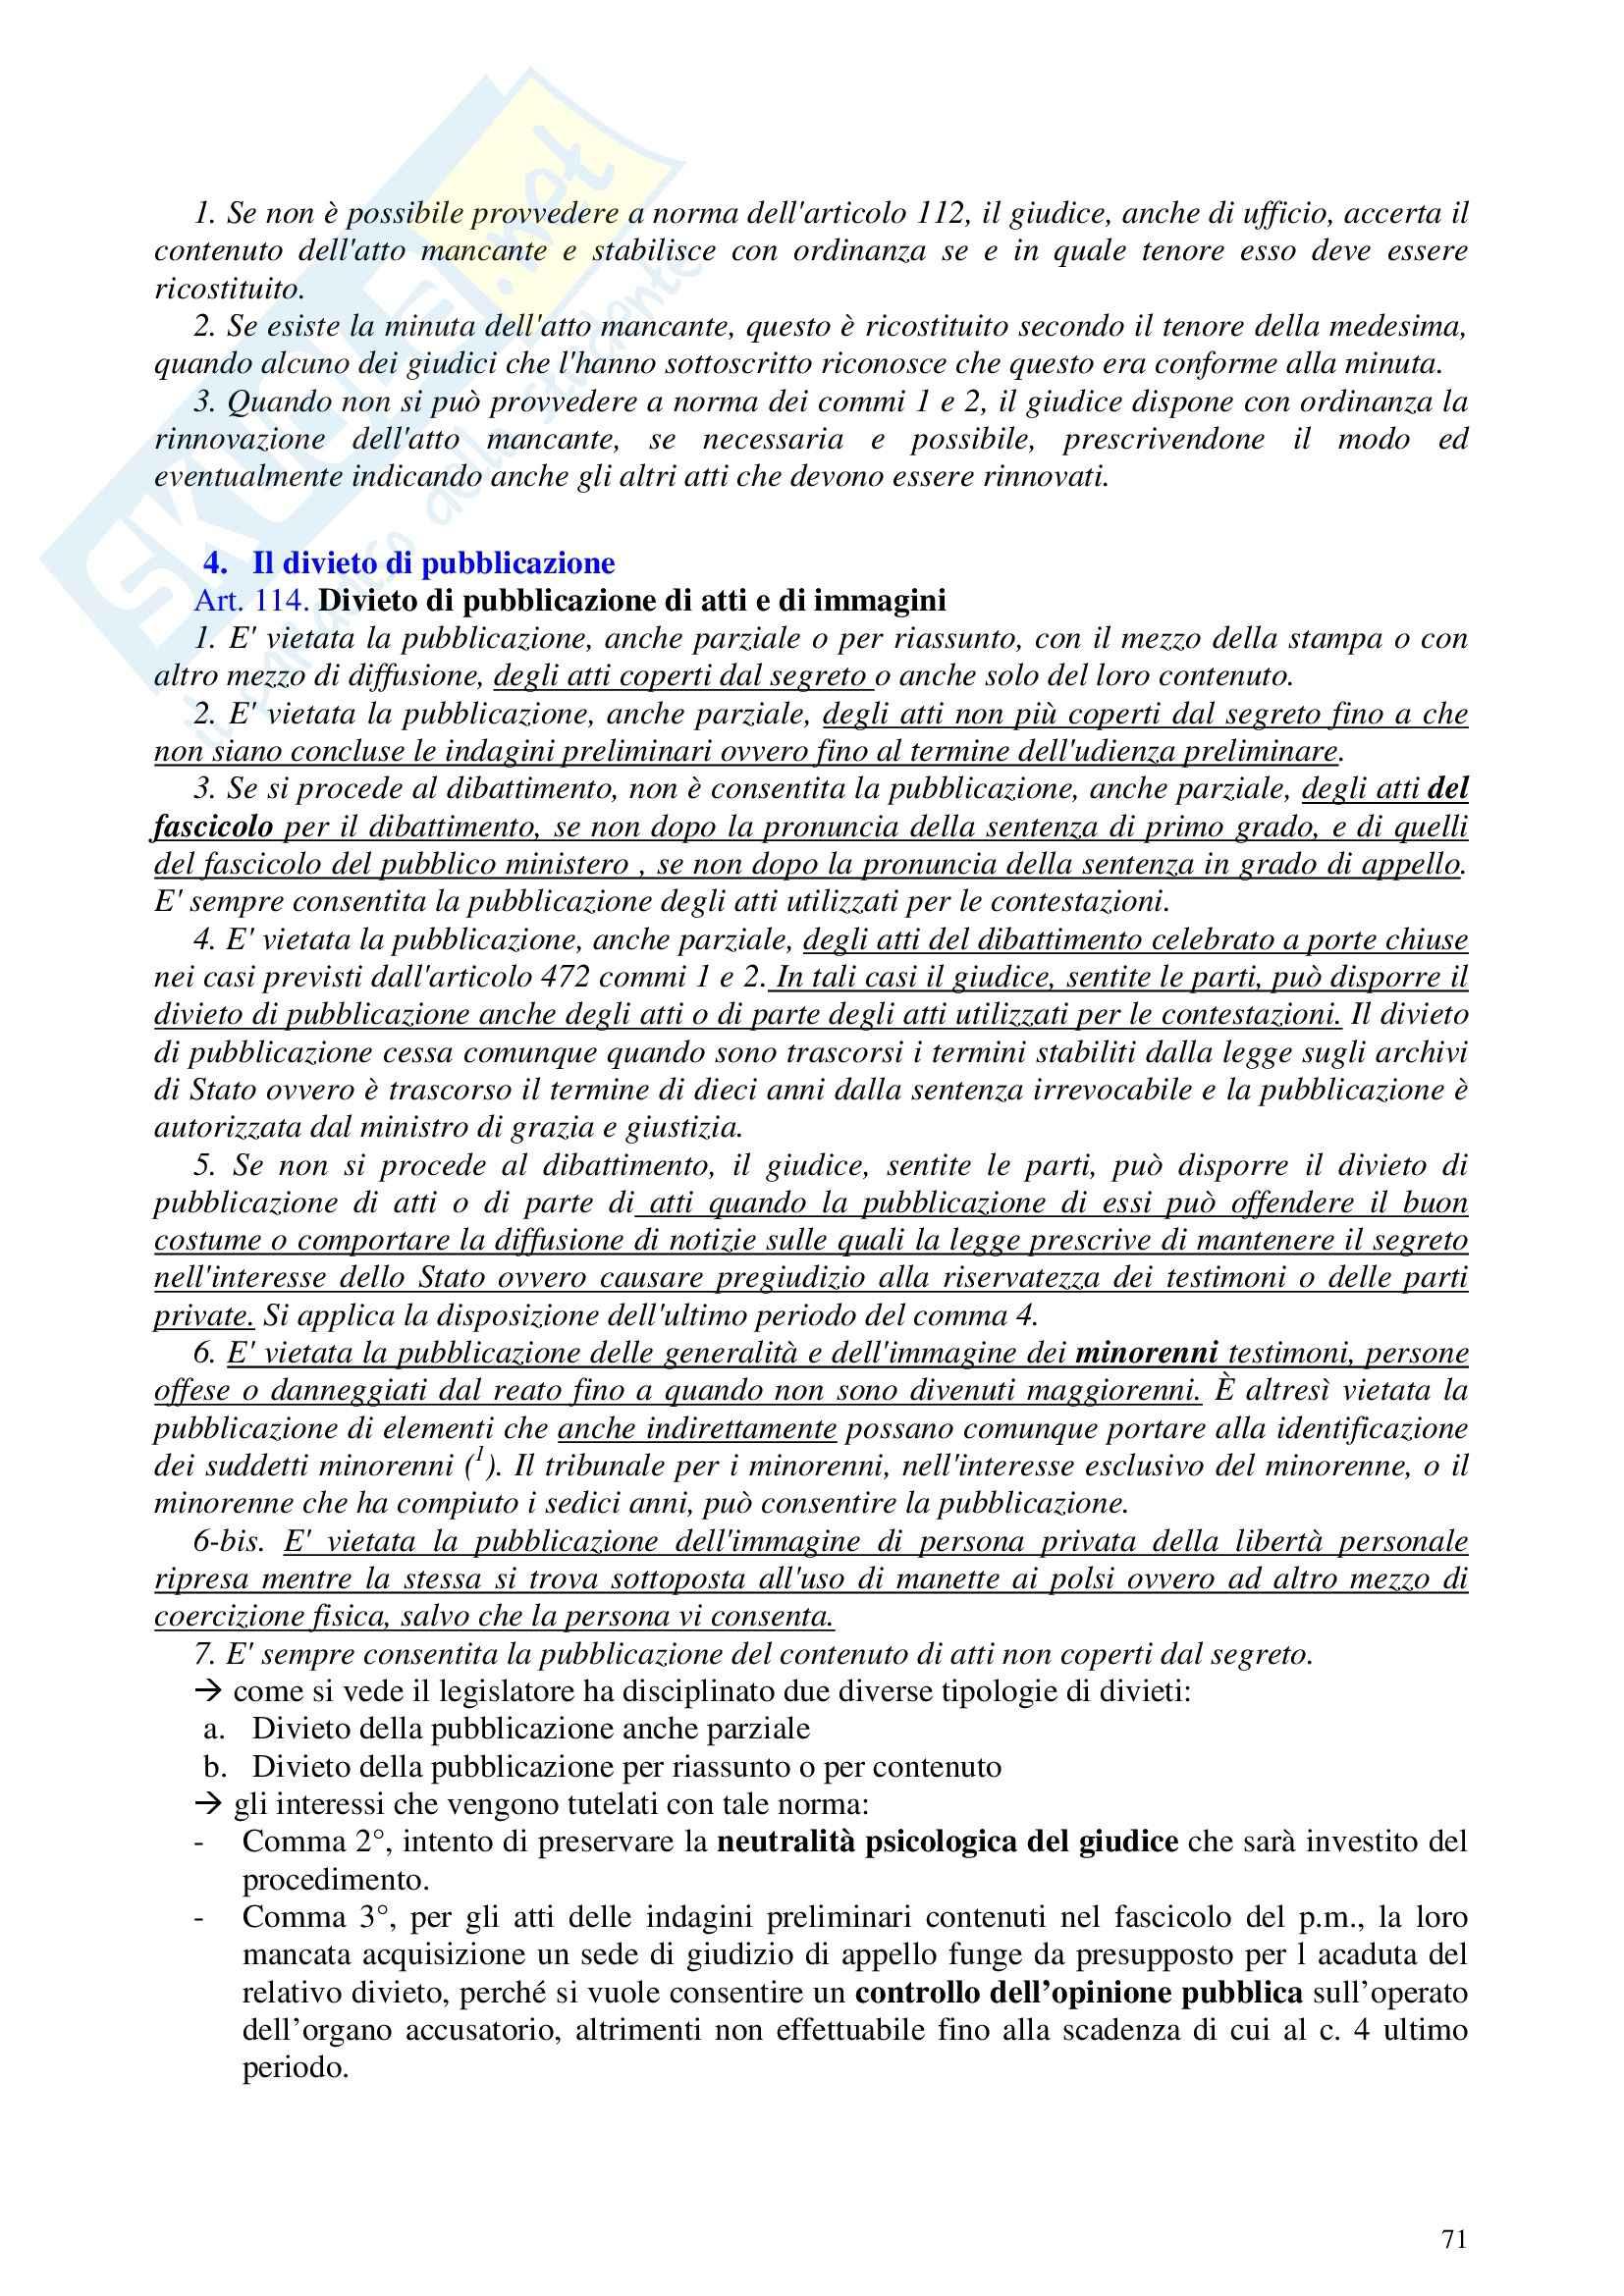 Riassunto esame Procedura Penale, prof. Galgani, libro consigliato Diritto Processuale Penale I di Conso e Grevi Pag. 71